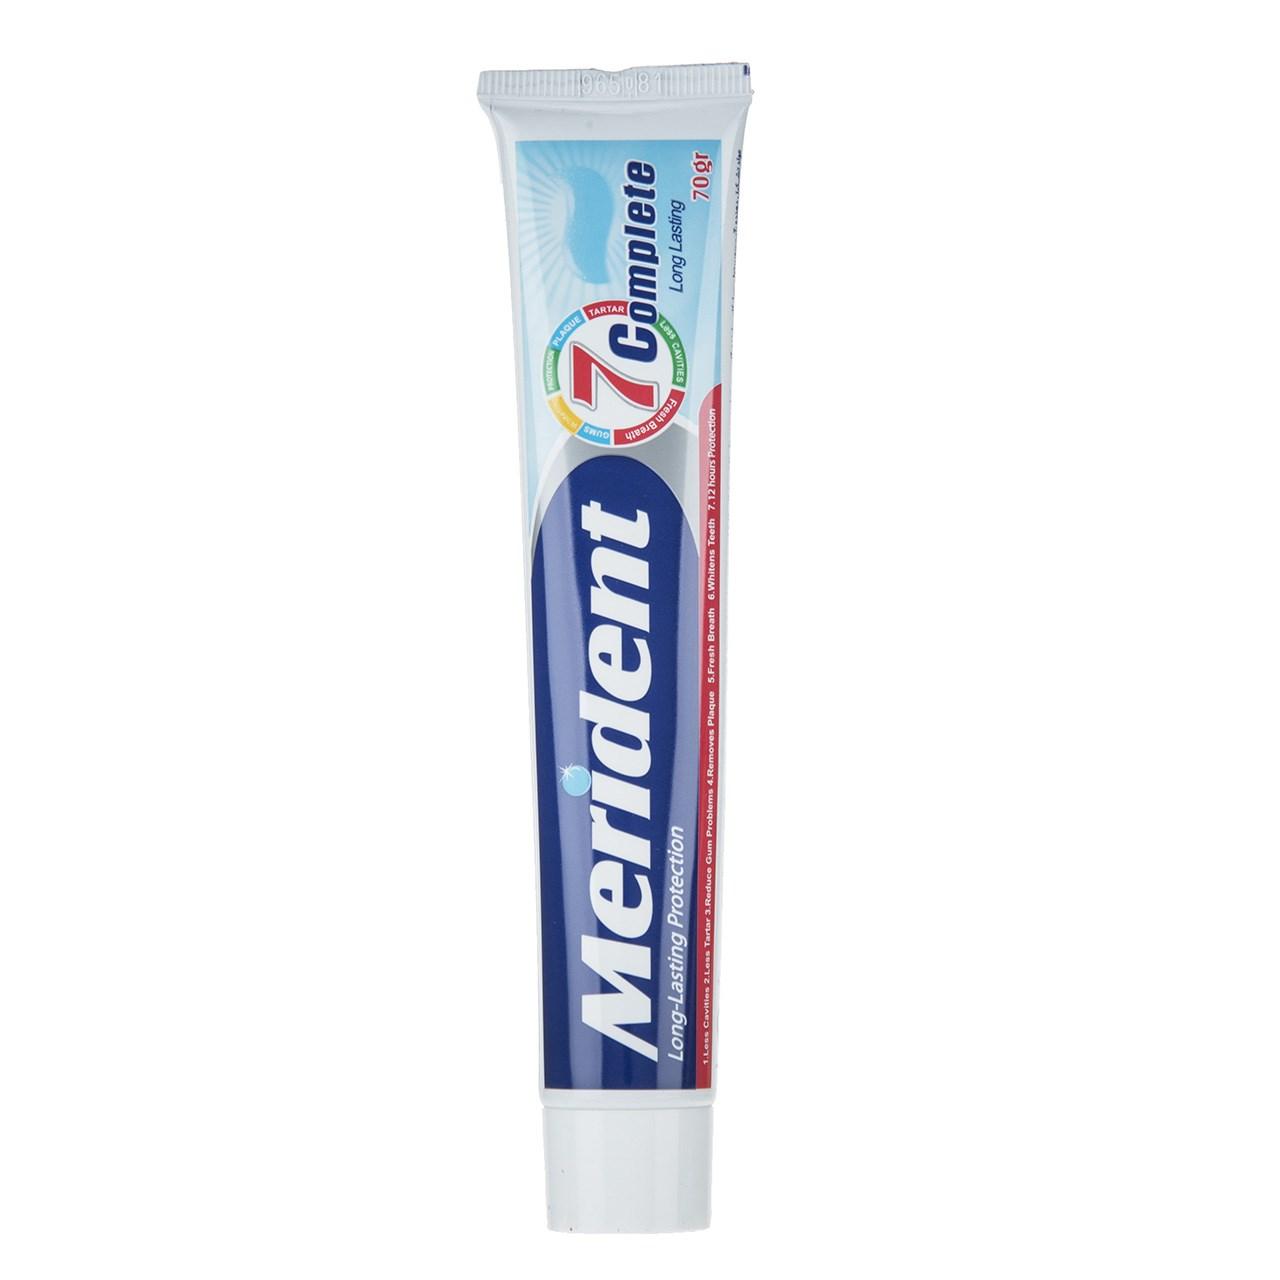 خمیر دندان سفید کننده مریدنت مدل 7 Complete مقدار 70 گرم